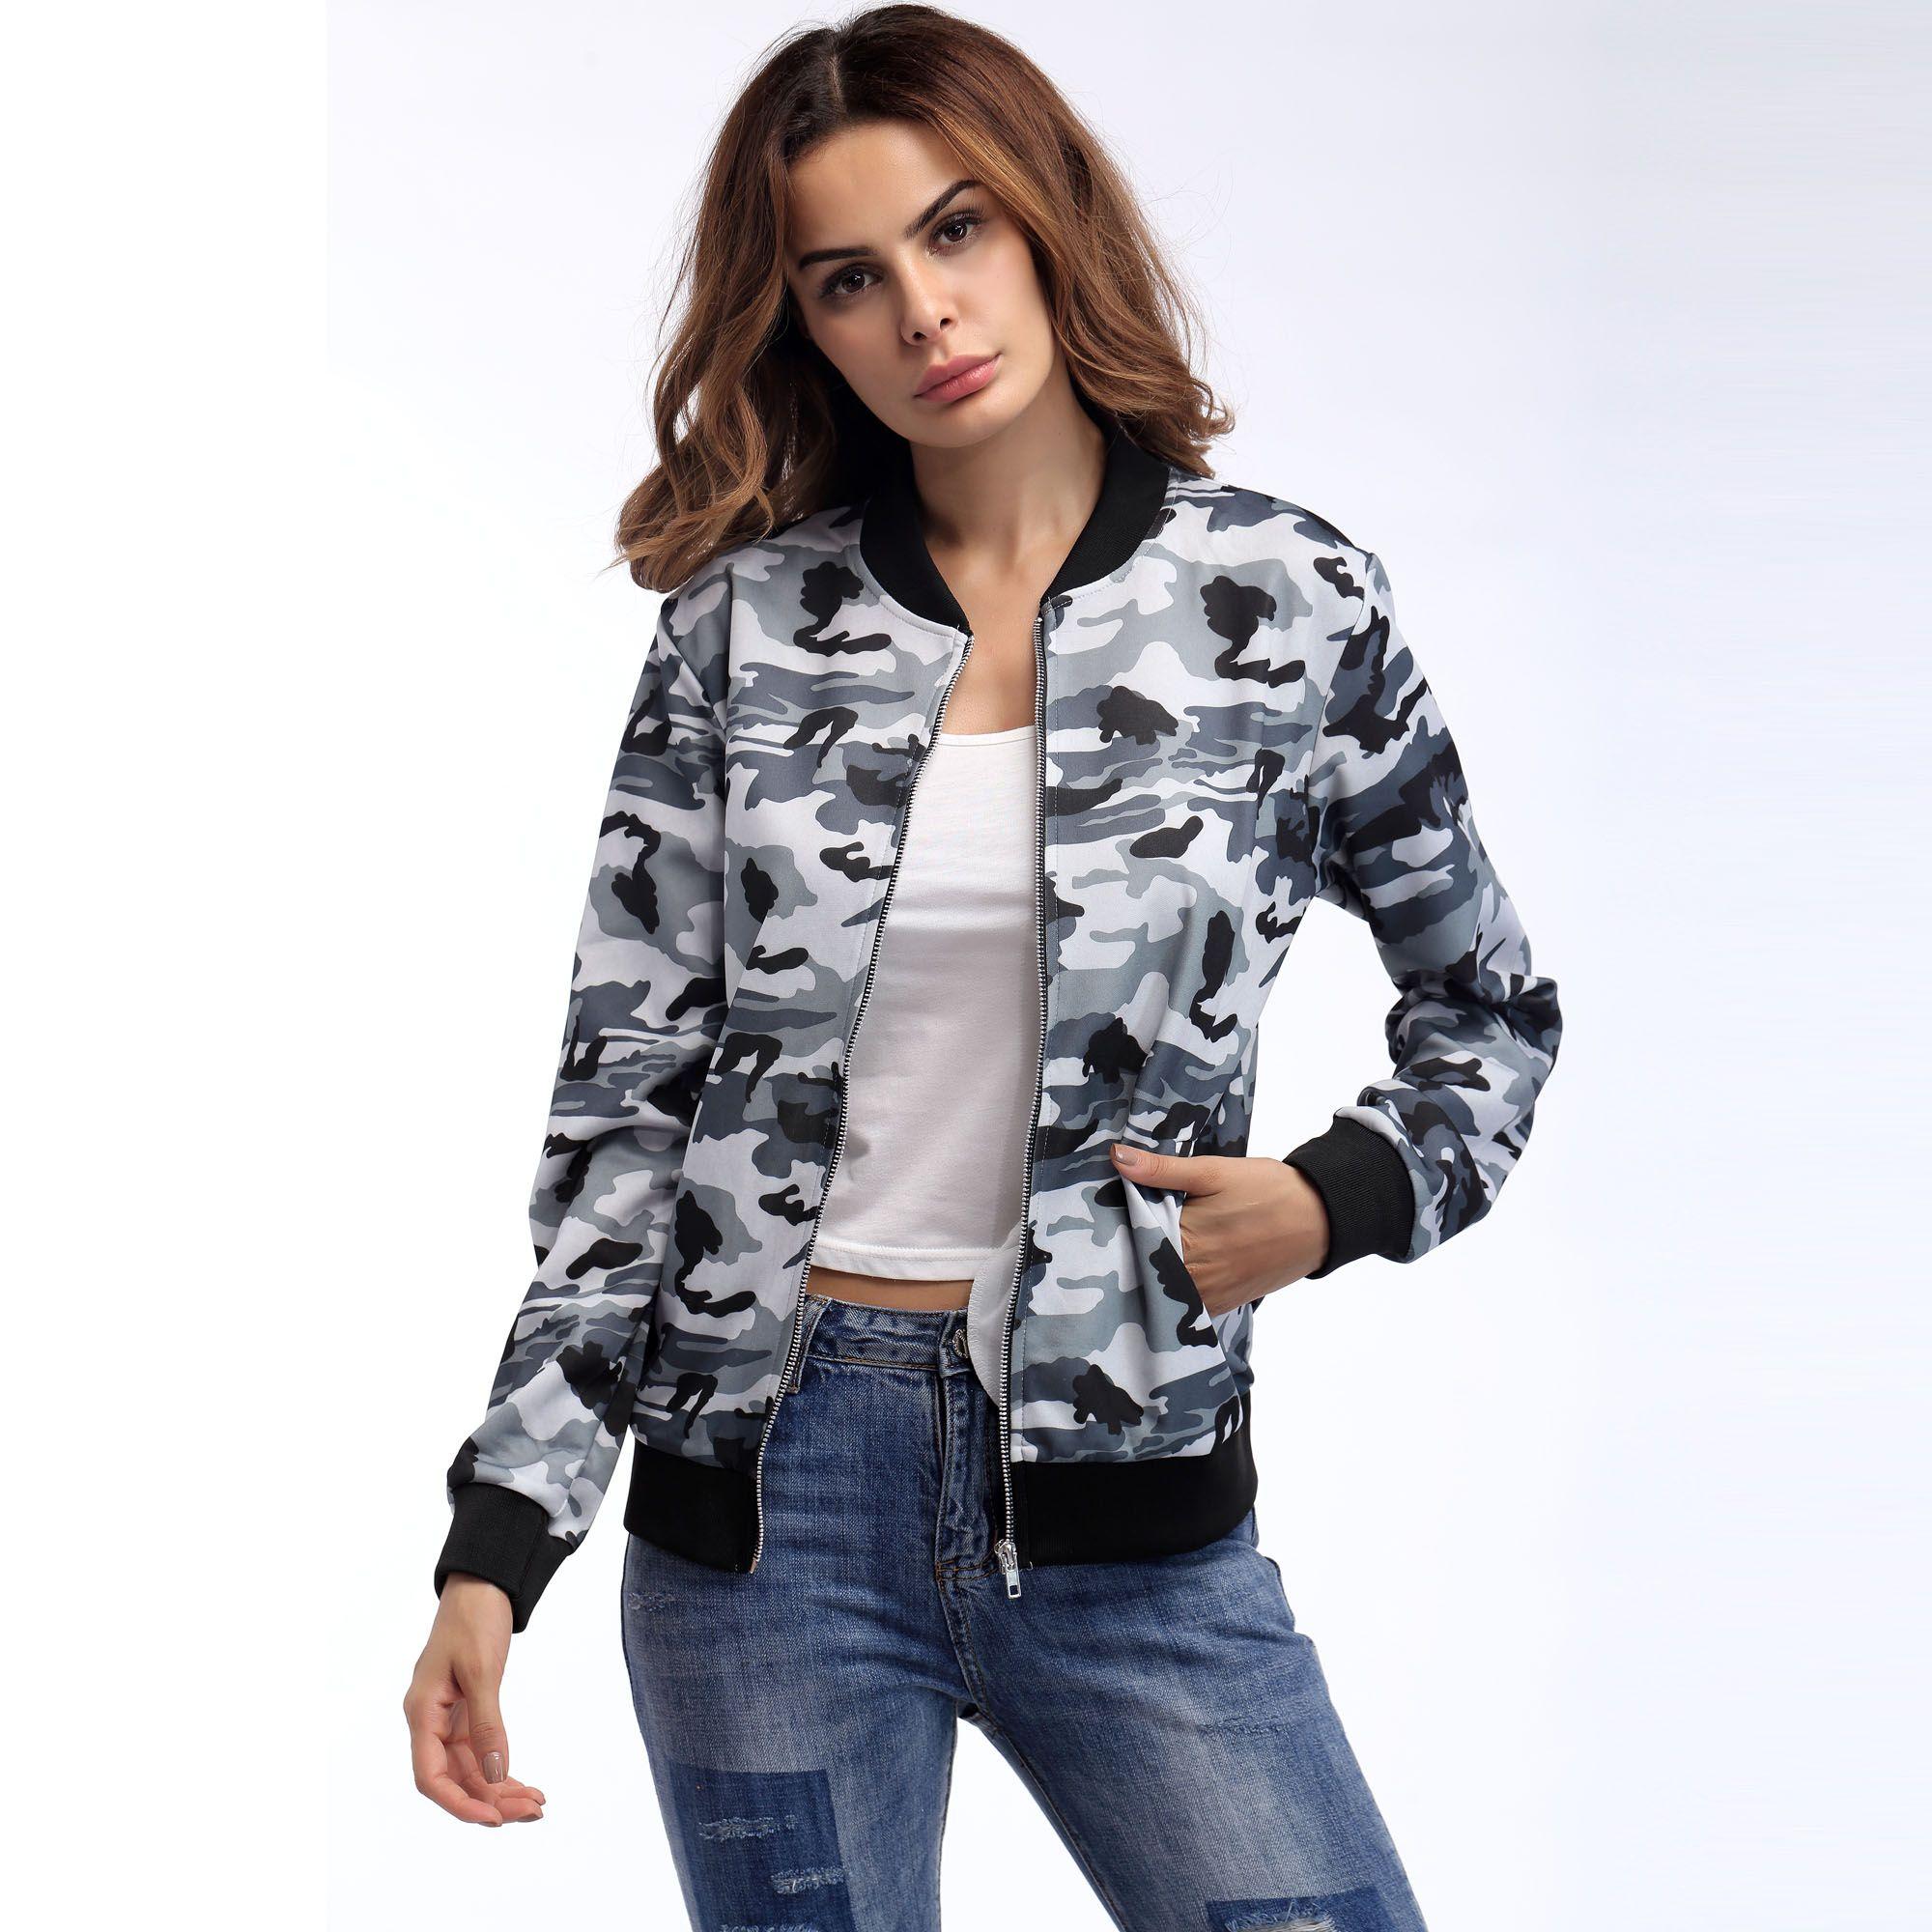 d5a751409 Nueva moda para mujer Cuello redondo, chaqueta de camuflaje, estilo  europeo, abrigo cómodo, 2 colores (camuflaje gris / camuflaje verde)